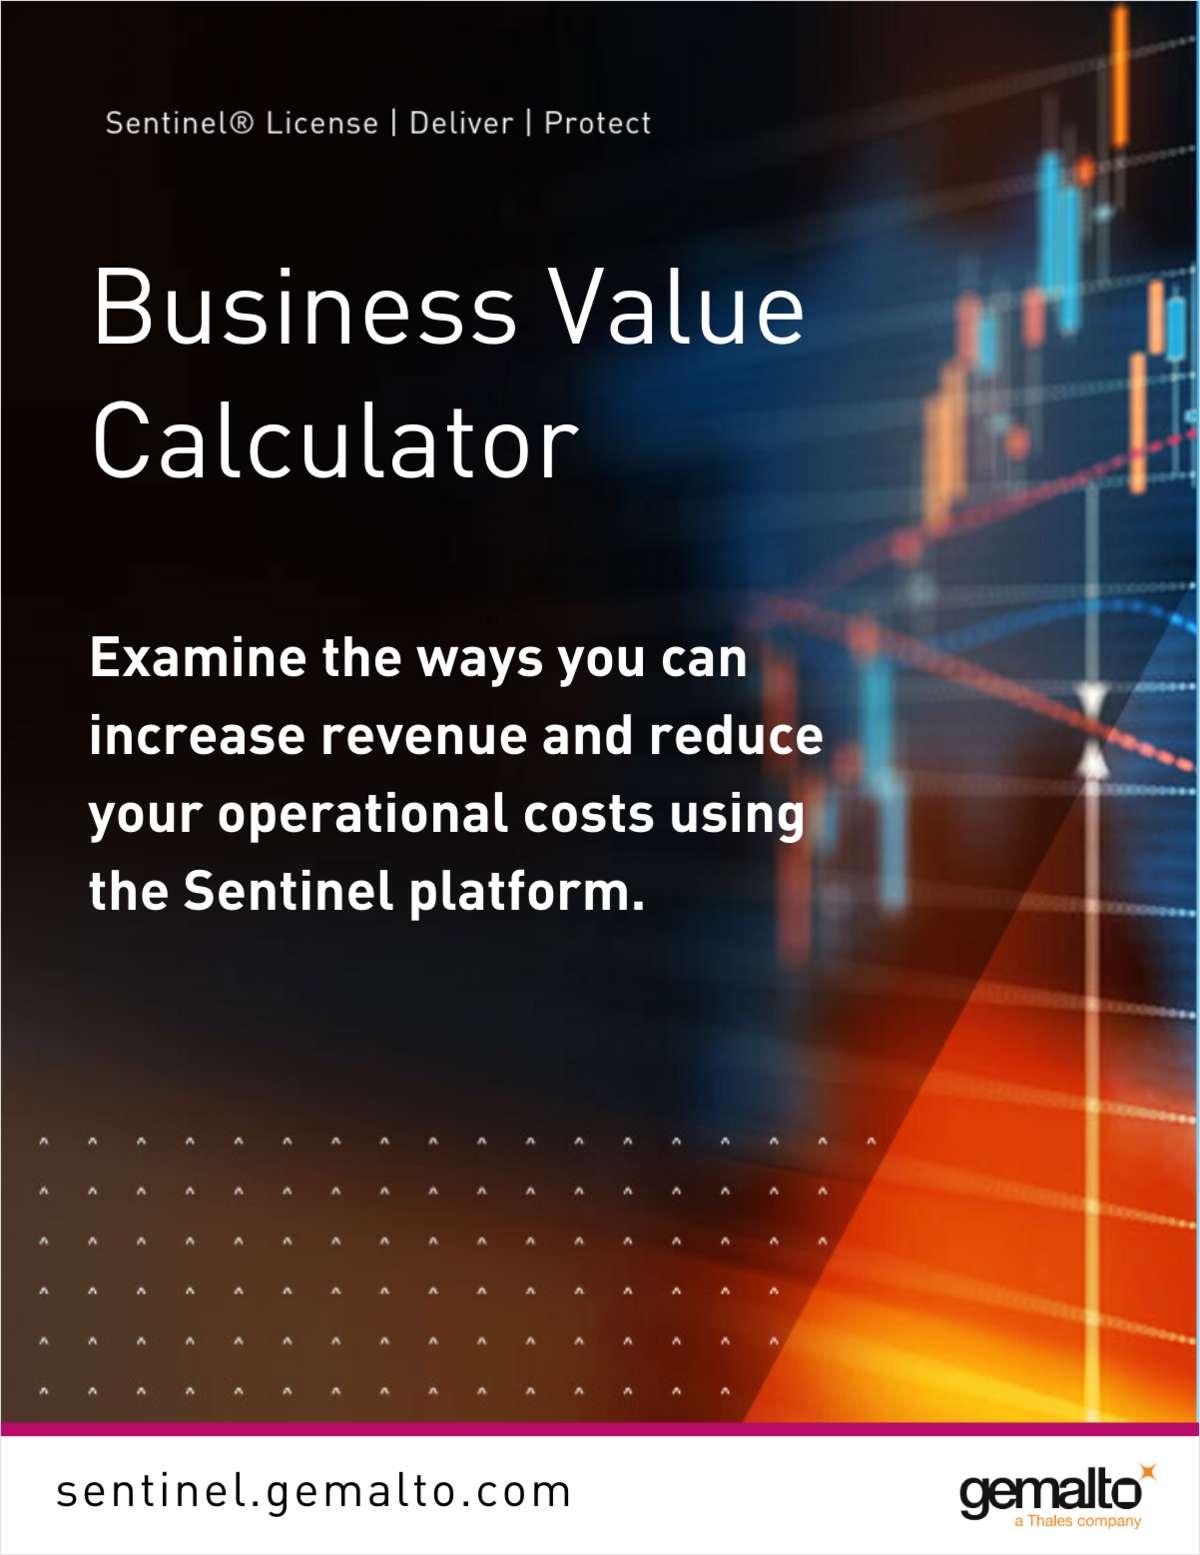 Sentinel Software Business Value Calculator -  Il calcolatore del valore aziendale del software Sentinel